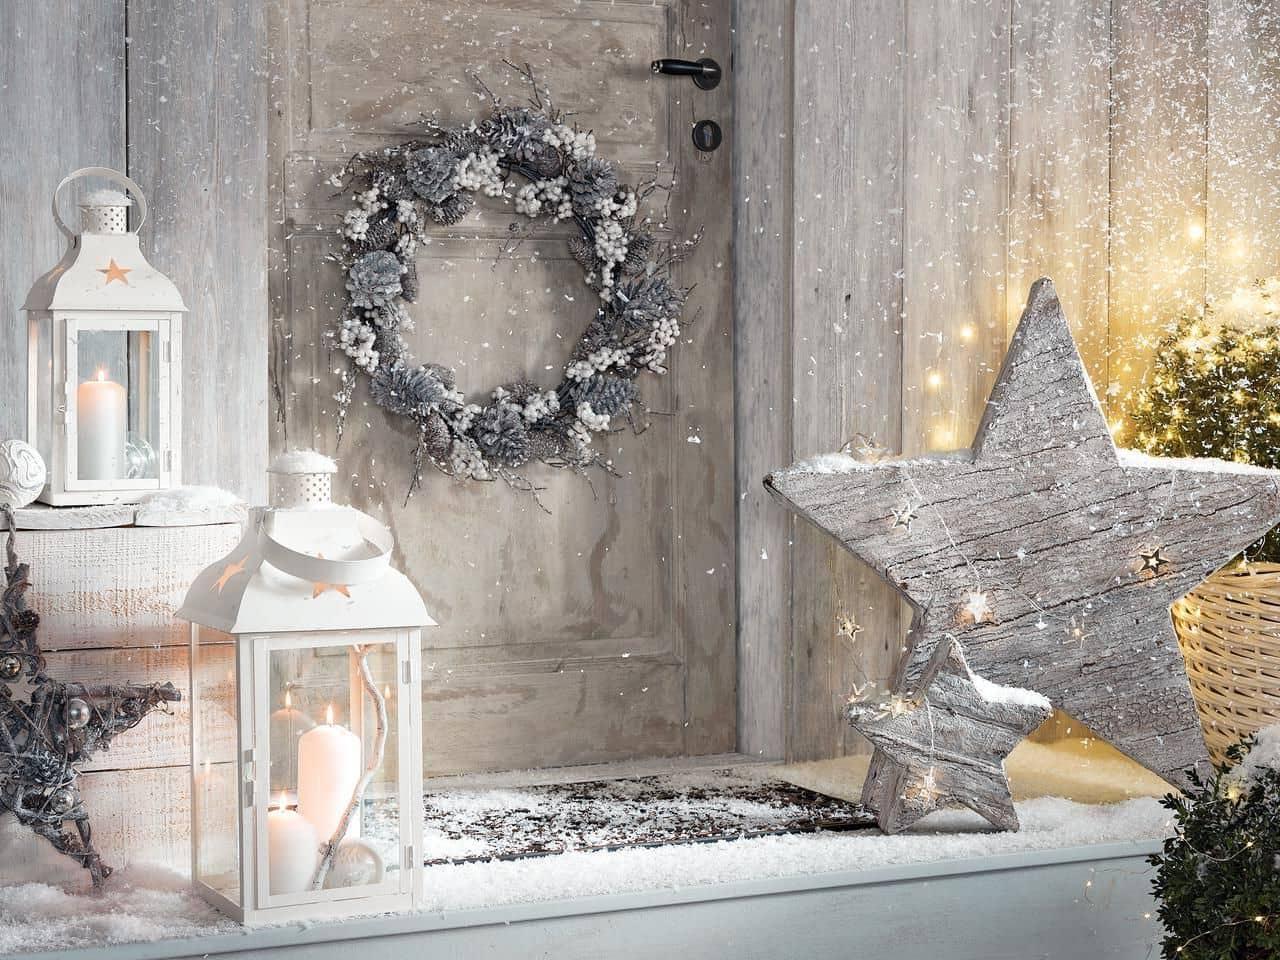 Украшение входной двери венком из шишек - простой и интересный вариант новогодней декорации